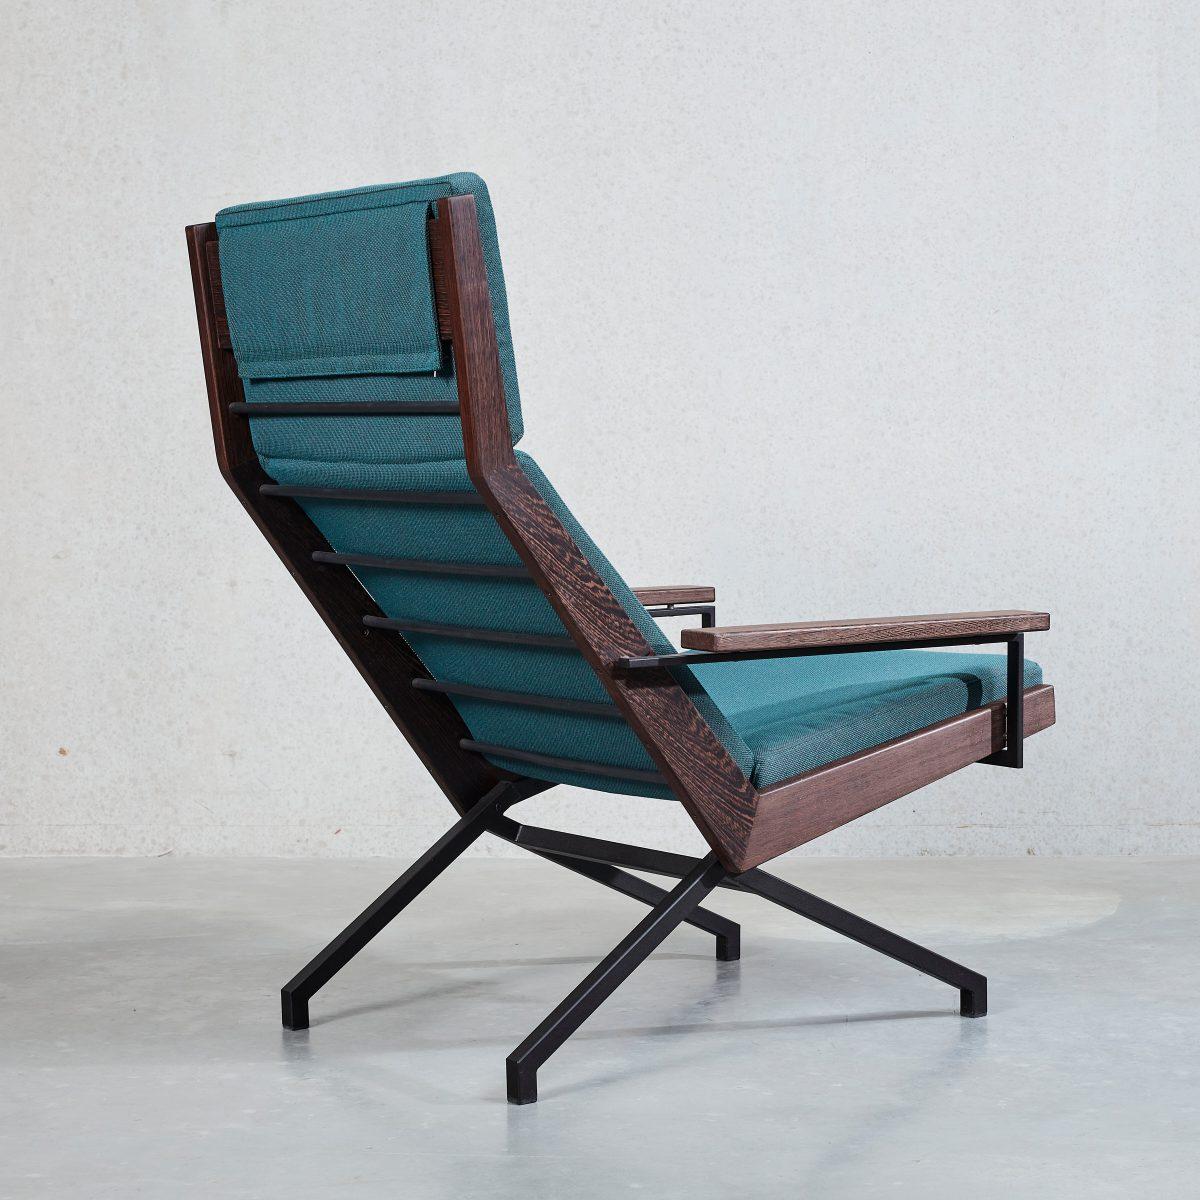 Lotus fauteuil + ottoman